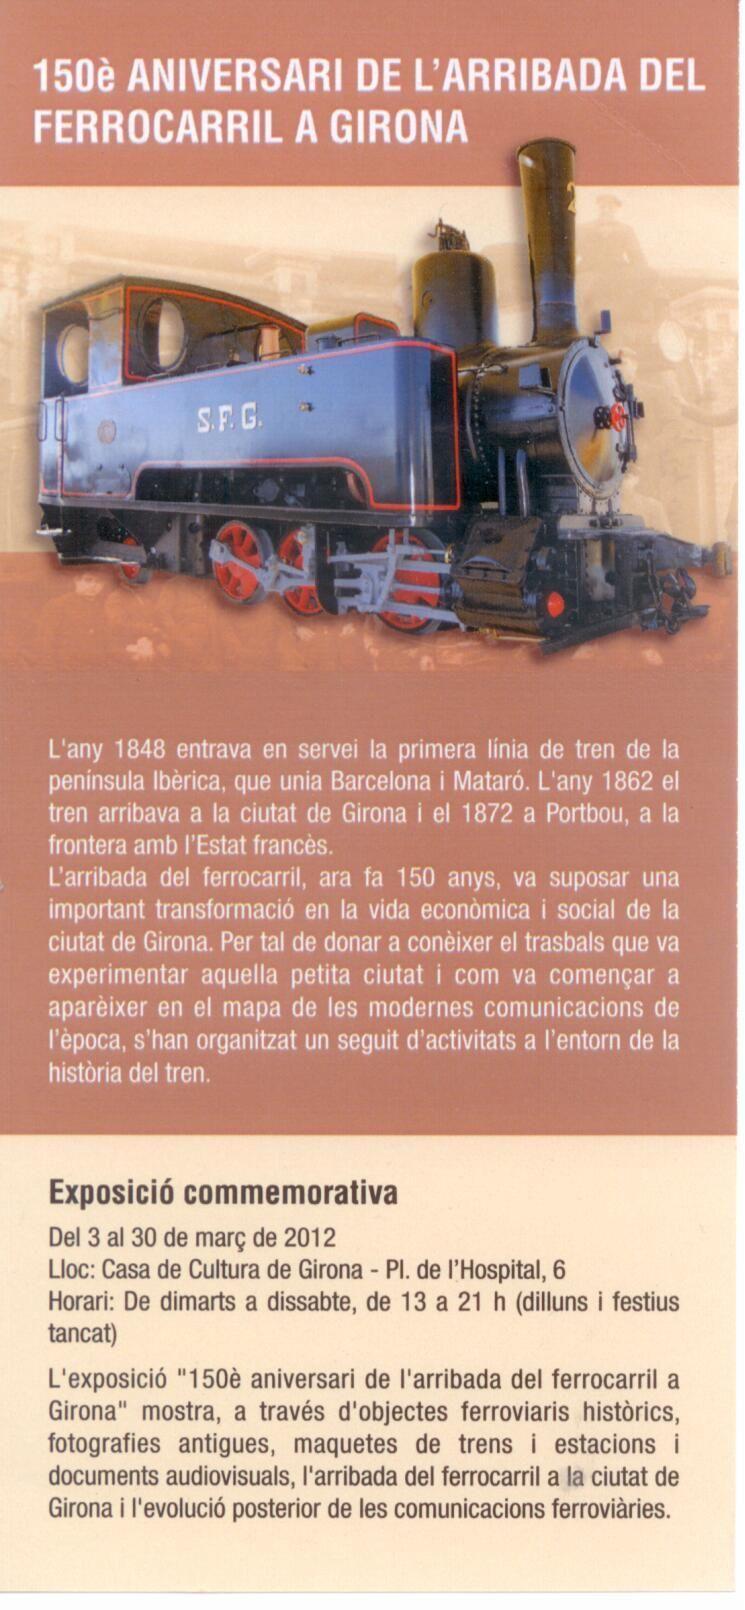 150 aniversario de la llegada del ferrocarril a Girona